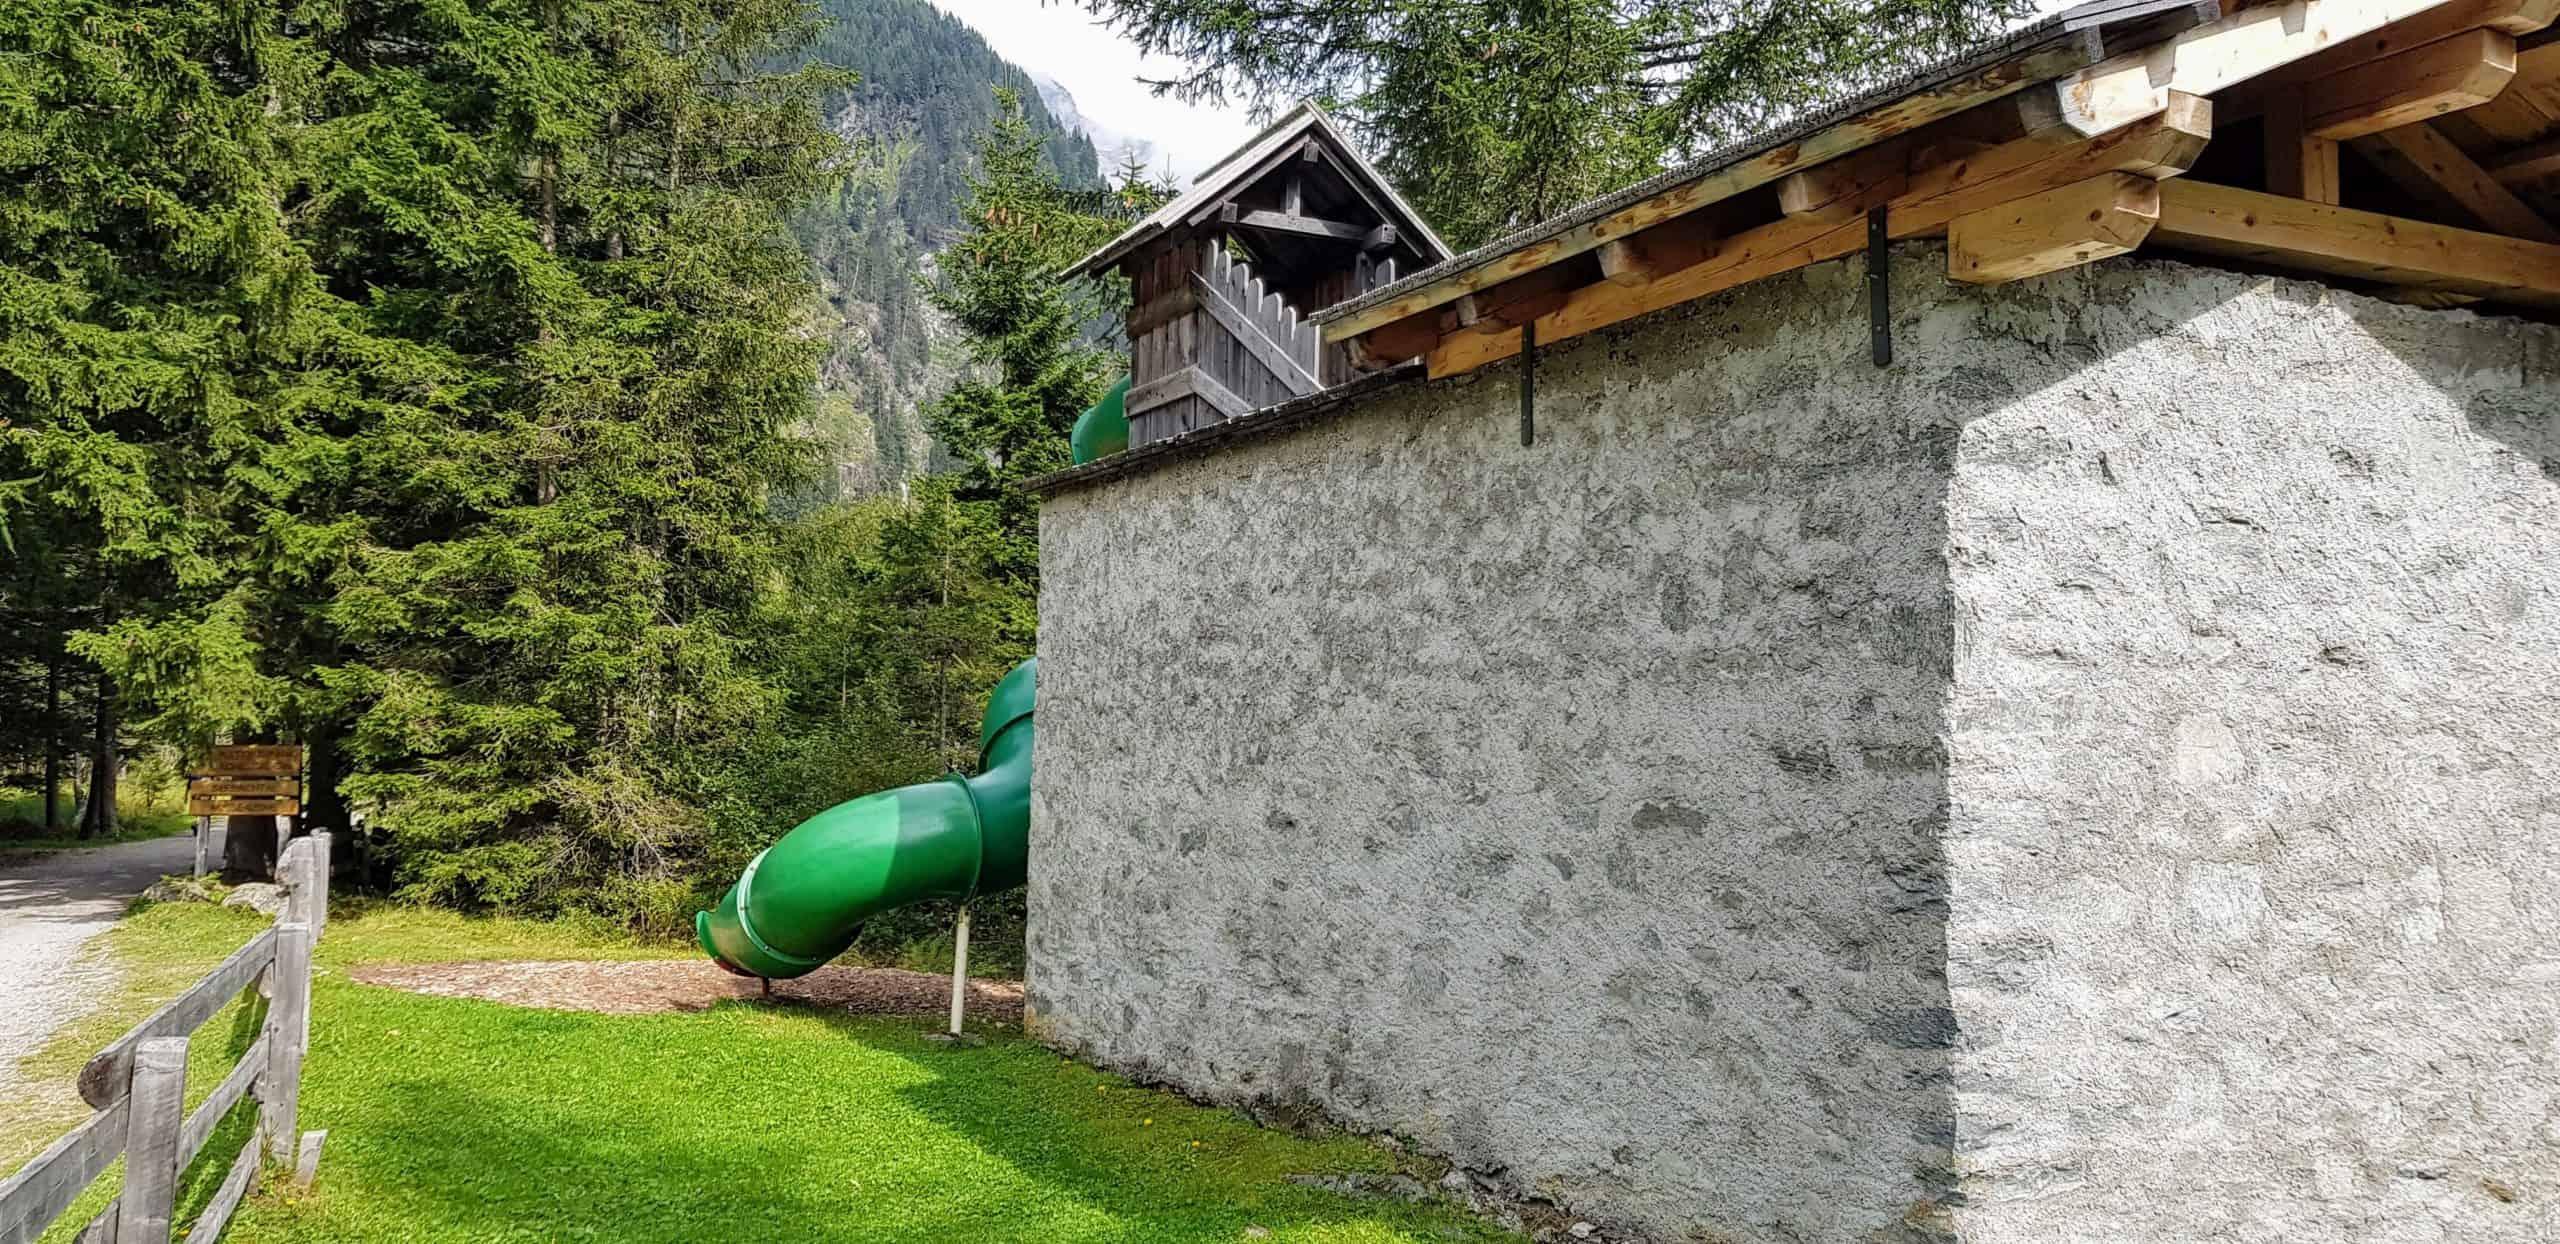 Start Wanderweg Seebachtal mit Freizeitzentrum Mallnitz (Erlebnisspielplatz für Kinder). Gebäude mit Rutsche. Ausflugsziele Nationalpark Hohe Tauern Kärnten.